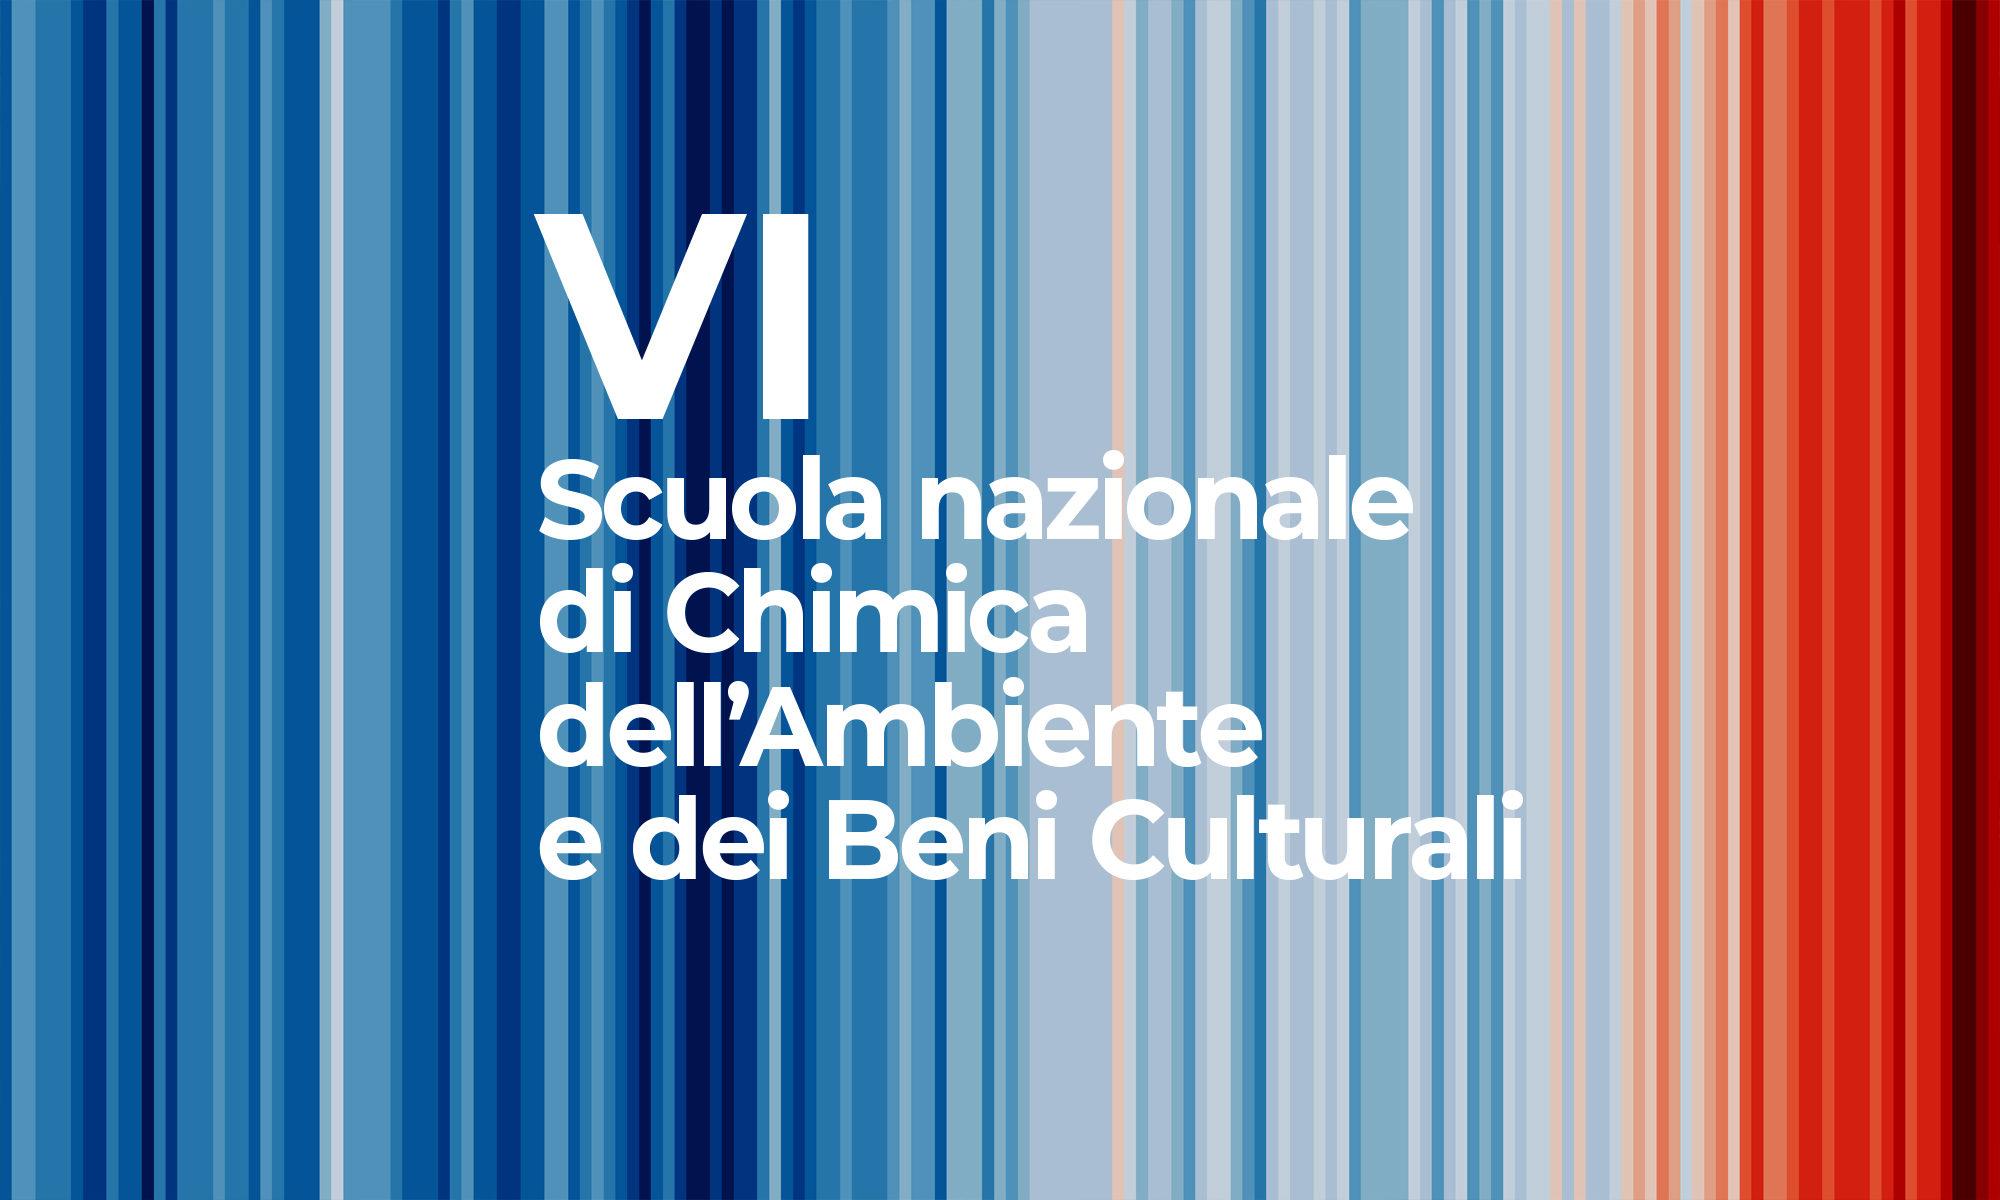 VI Scuola nazionale di Chimica dell'Ambiente e dei Beni Culturali